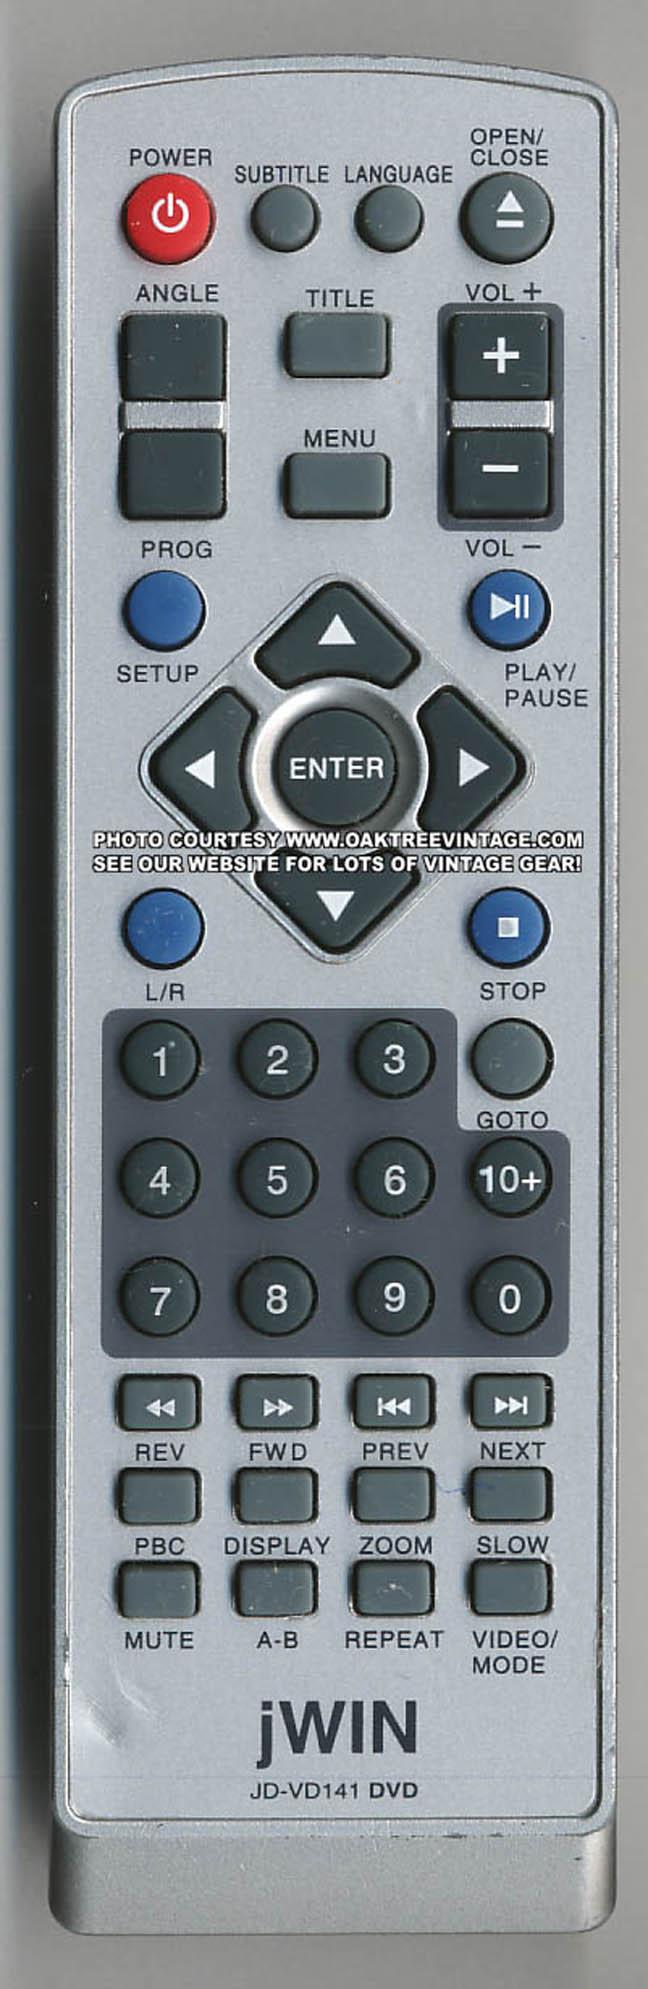 Remote Controls - m